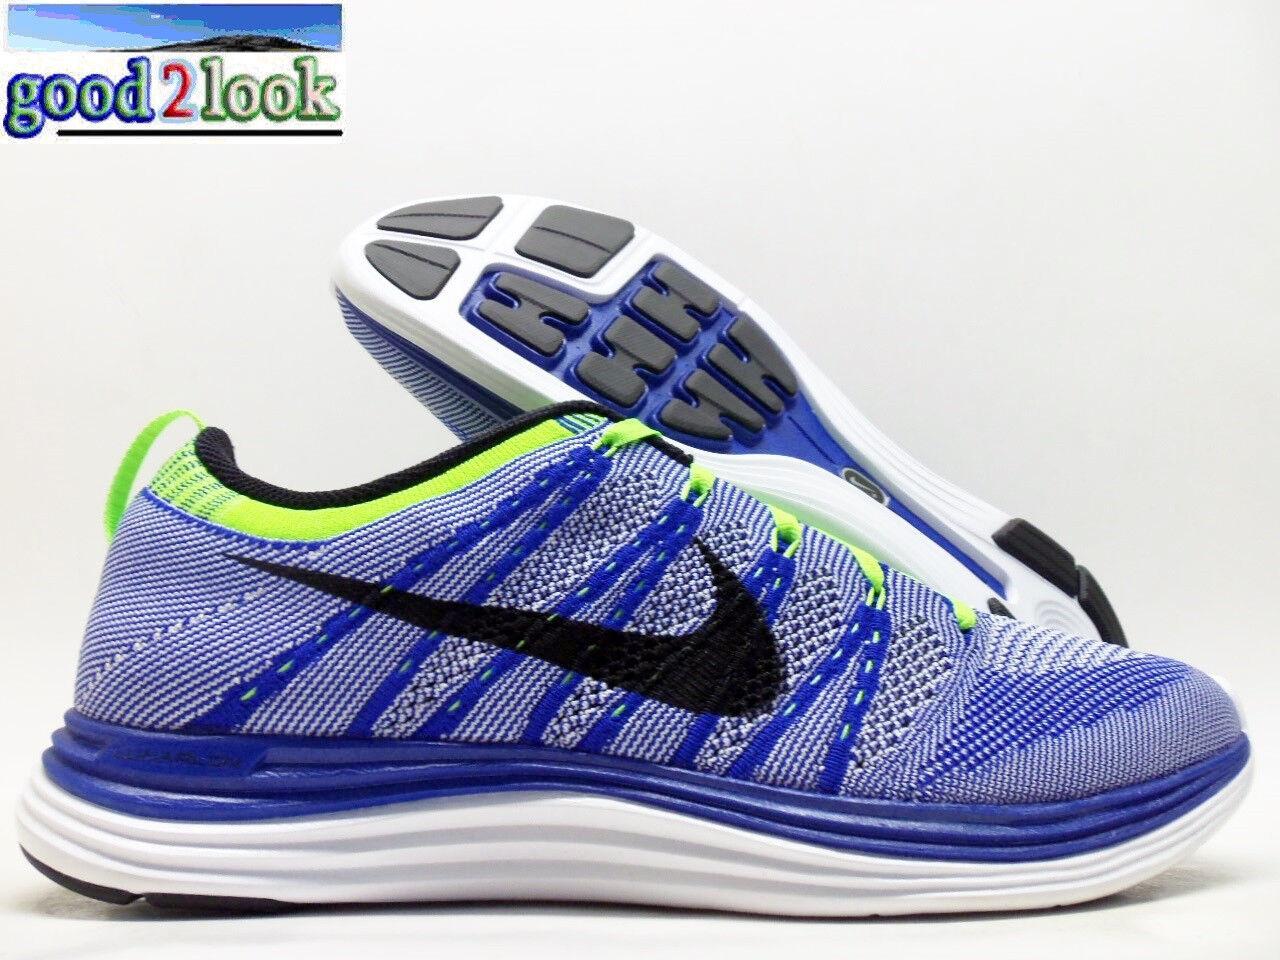 Nike flyknit uno + nero-white trainer gioco royal / nero-white + dimensioni uomini 10,5 - 554887-401] 0709d5